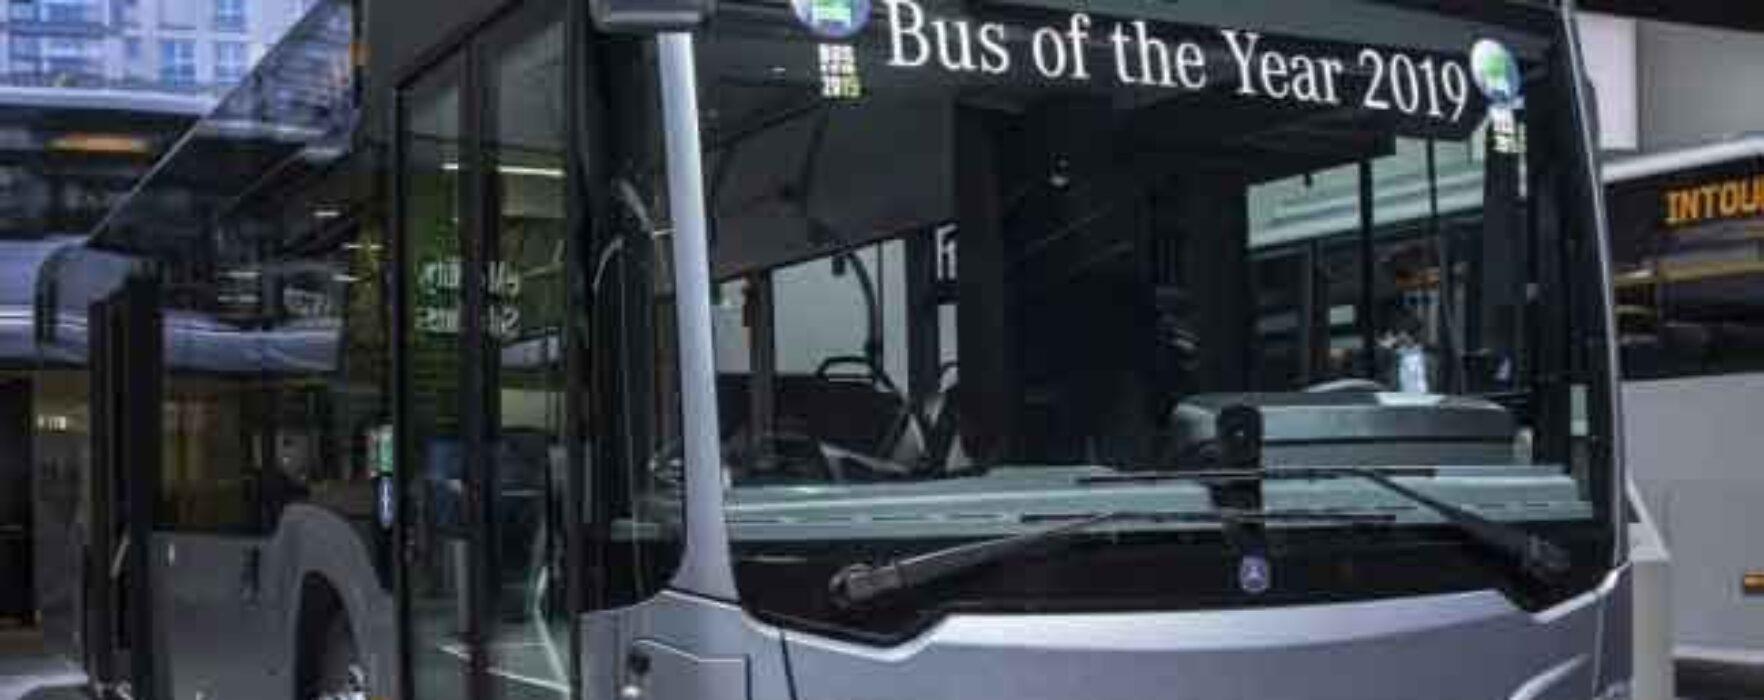 Târgovişte: Primăria anunţă că vor fi achiziţionate 28 de autobuze electrice hibrid